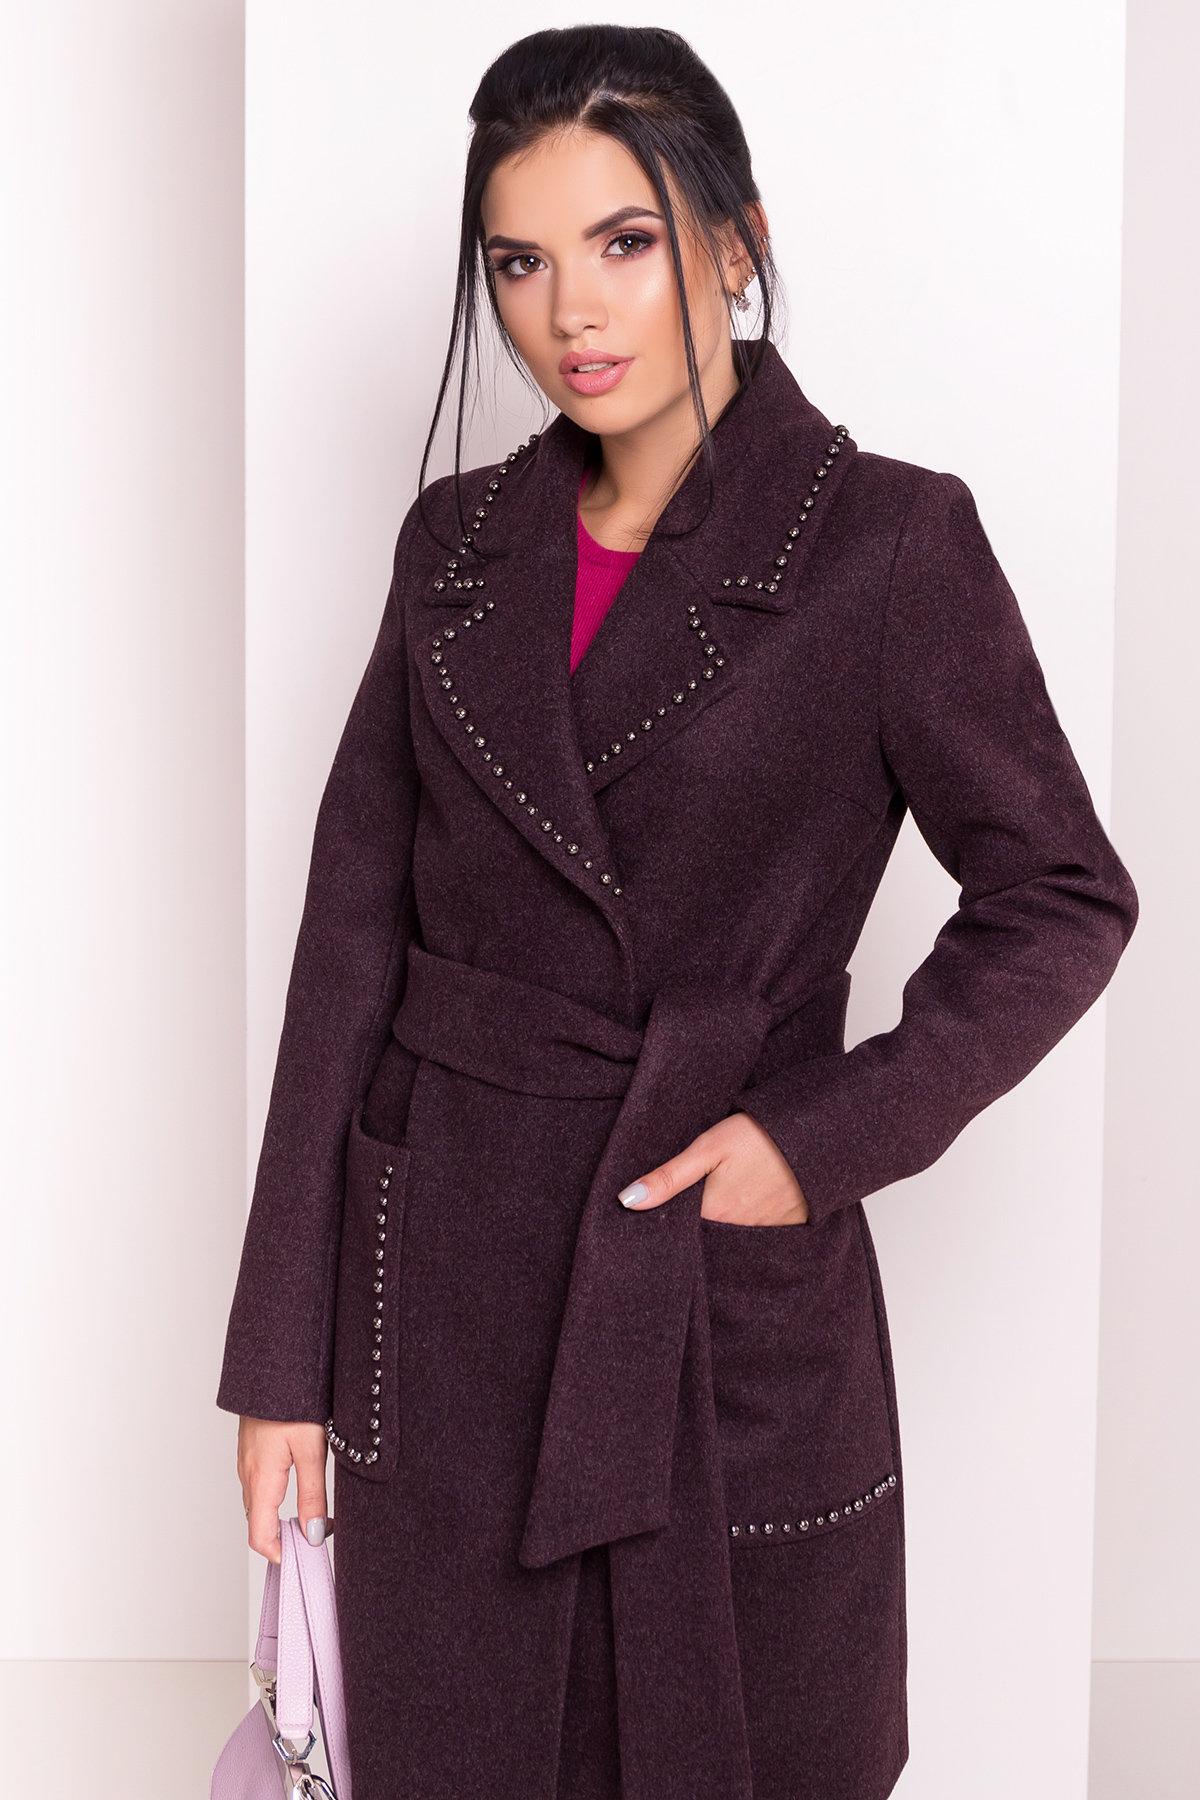 Пальто Кейси 5504 АРТ. 37028 Цвет: Марсала - фото 4, интернет магазин tm-modus.ru